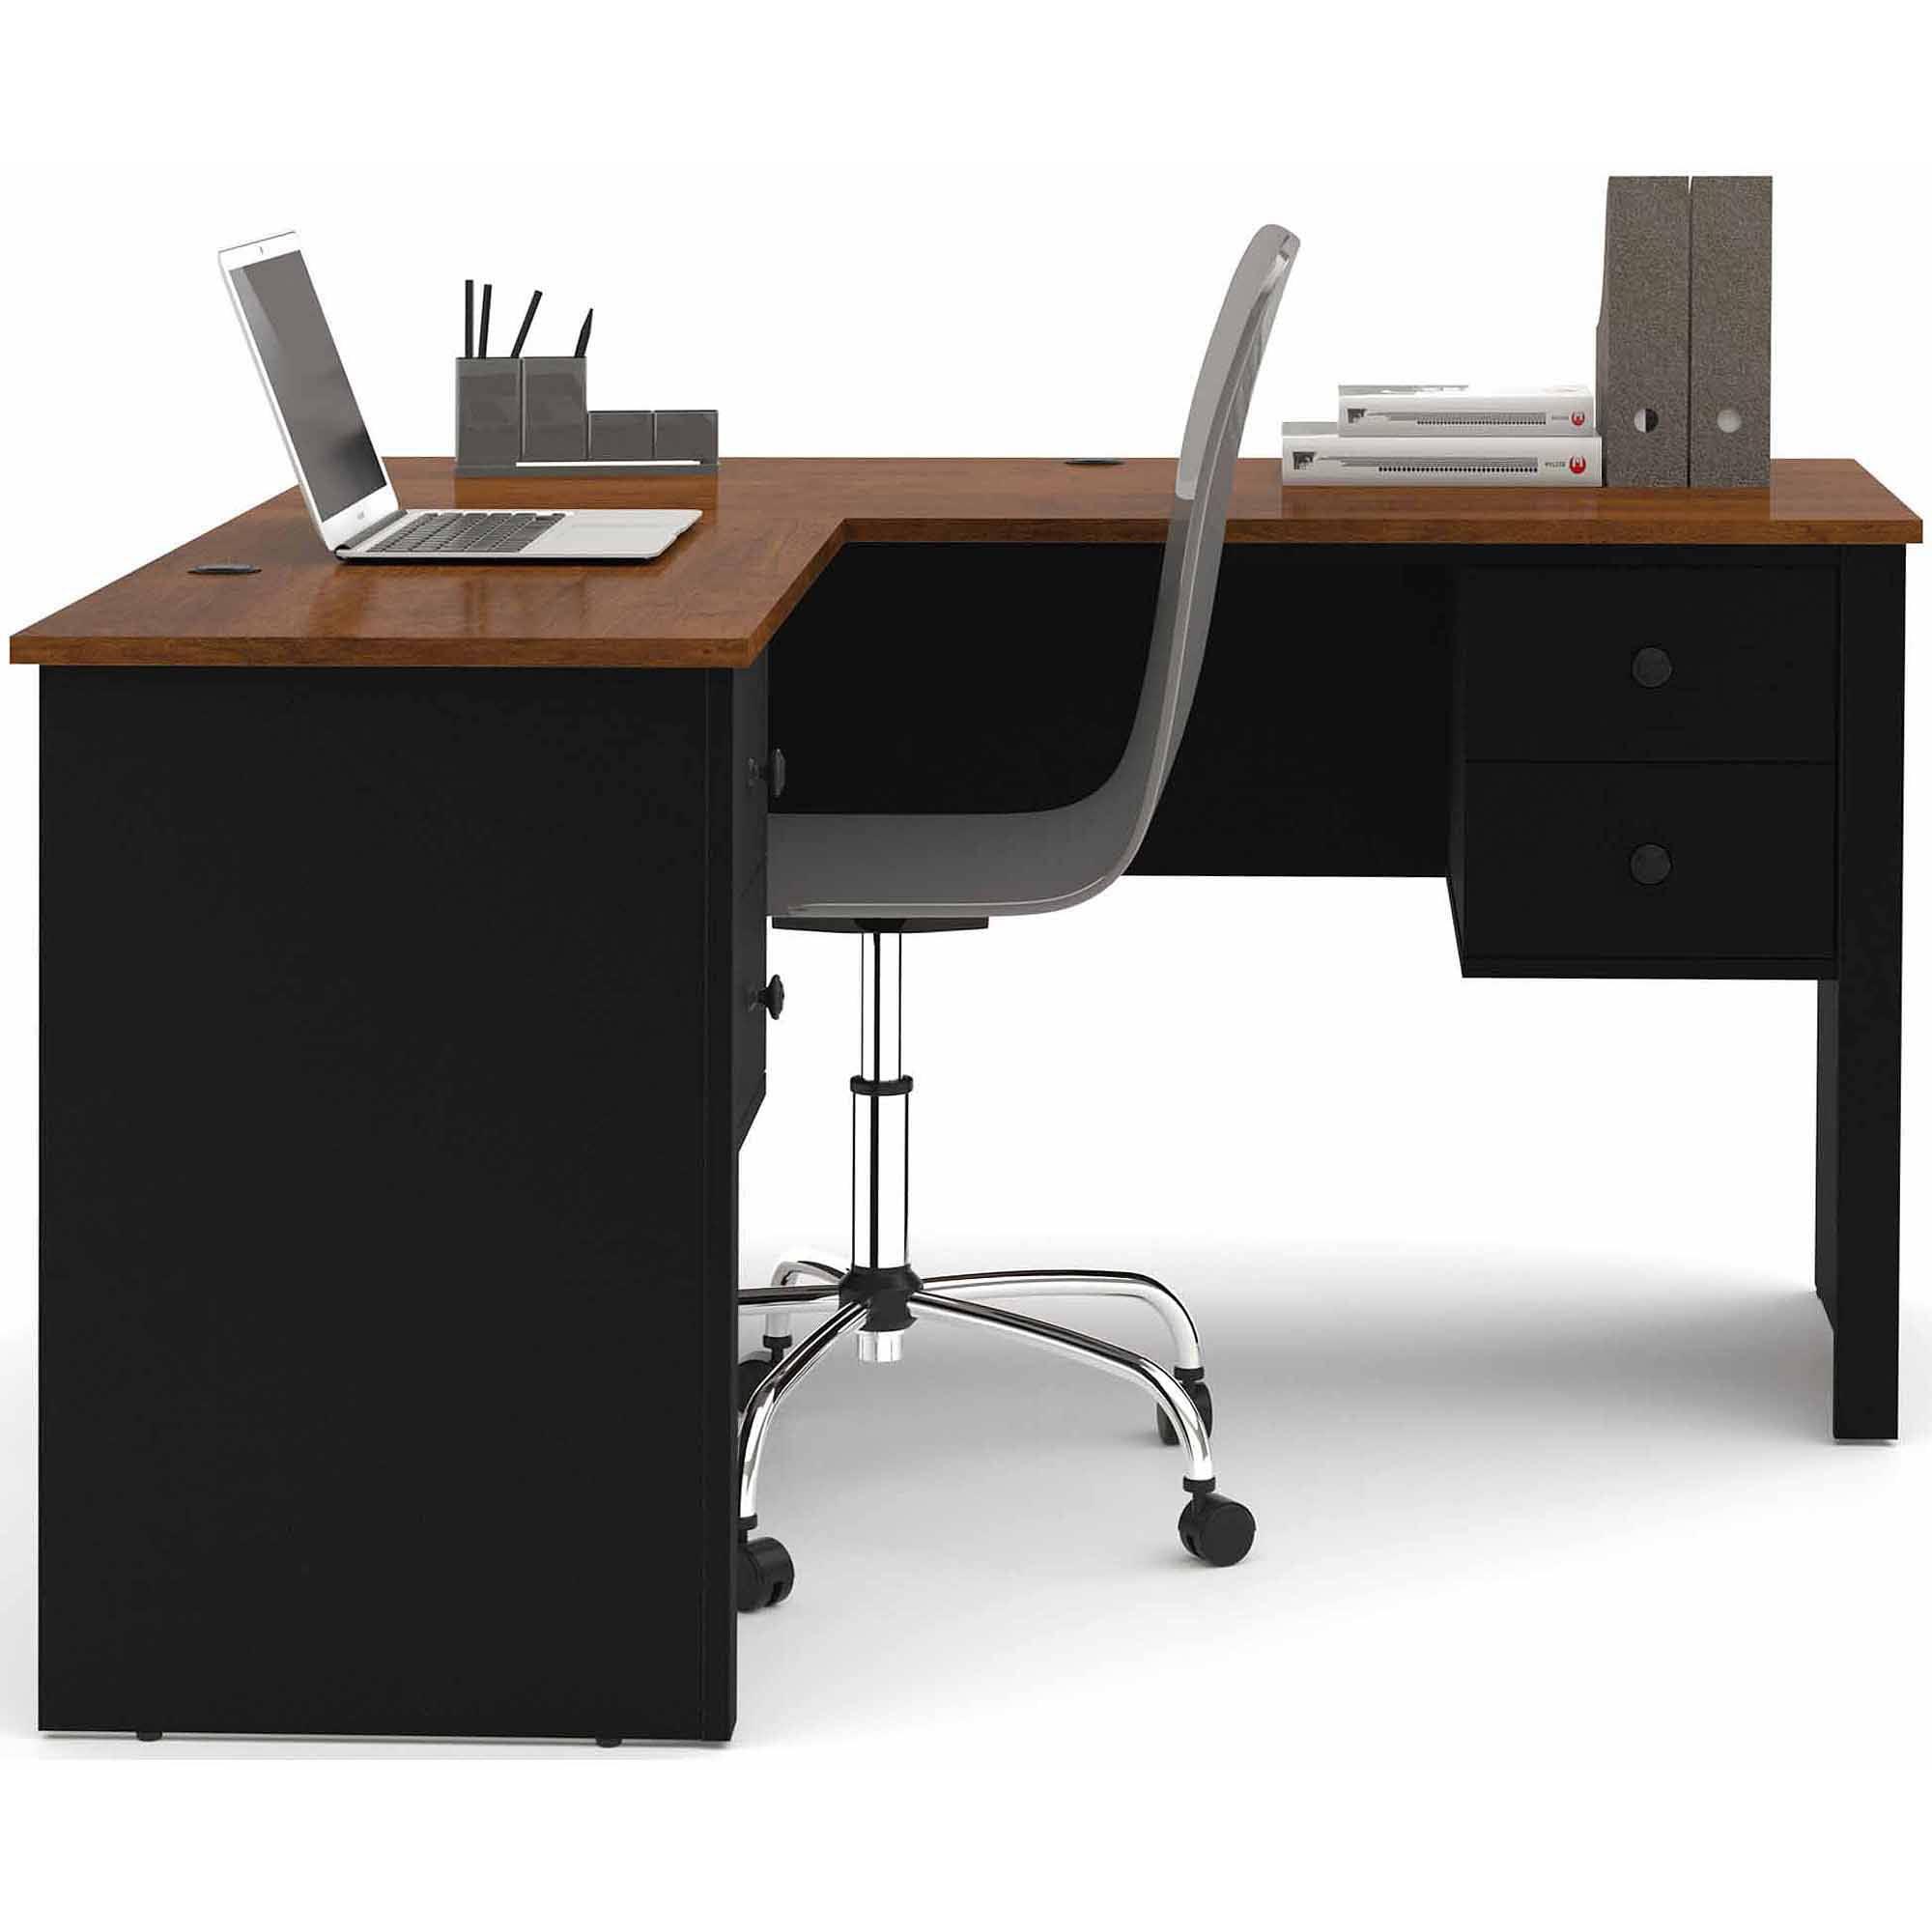 Bestar Somerville L-Shaped Desk, Tuscany Brown/Black